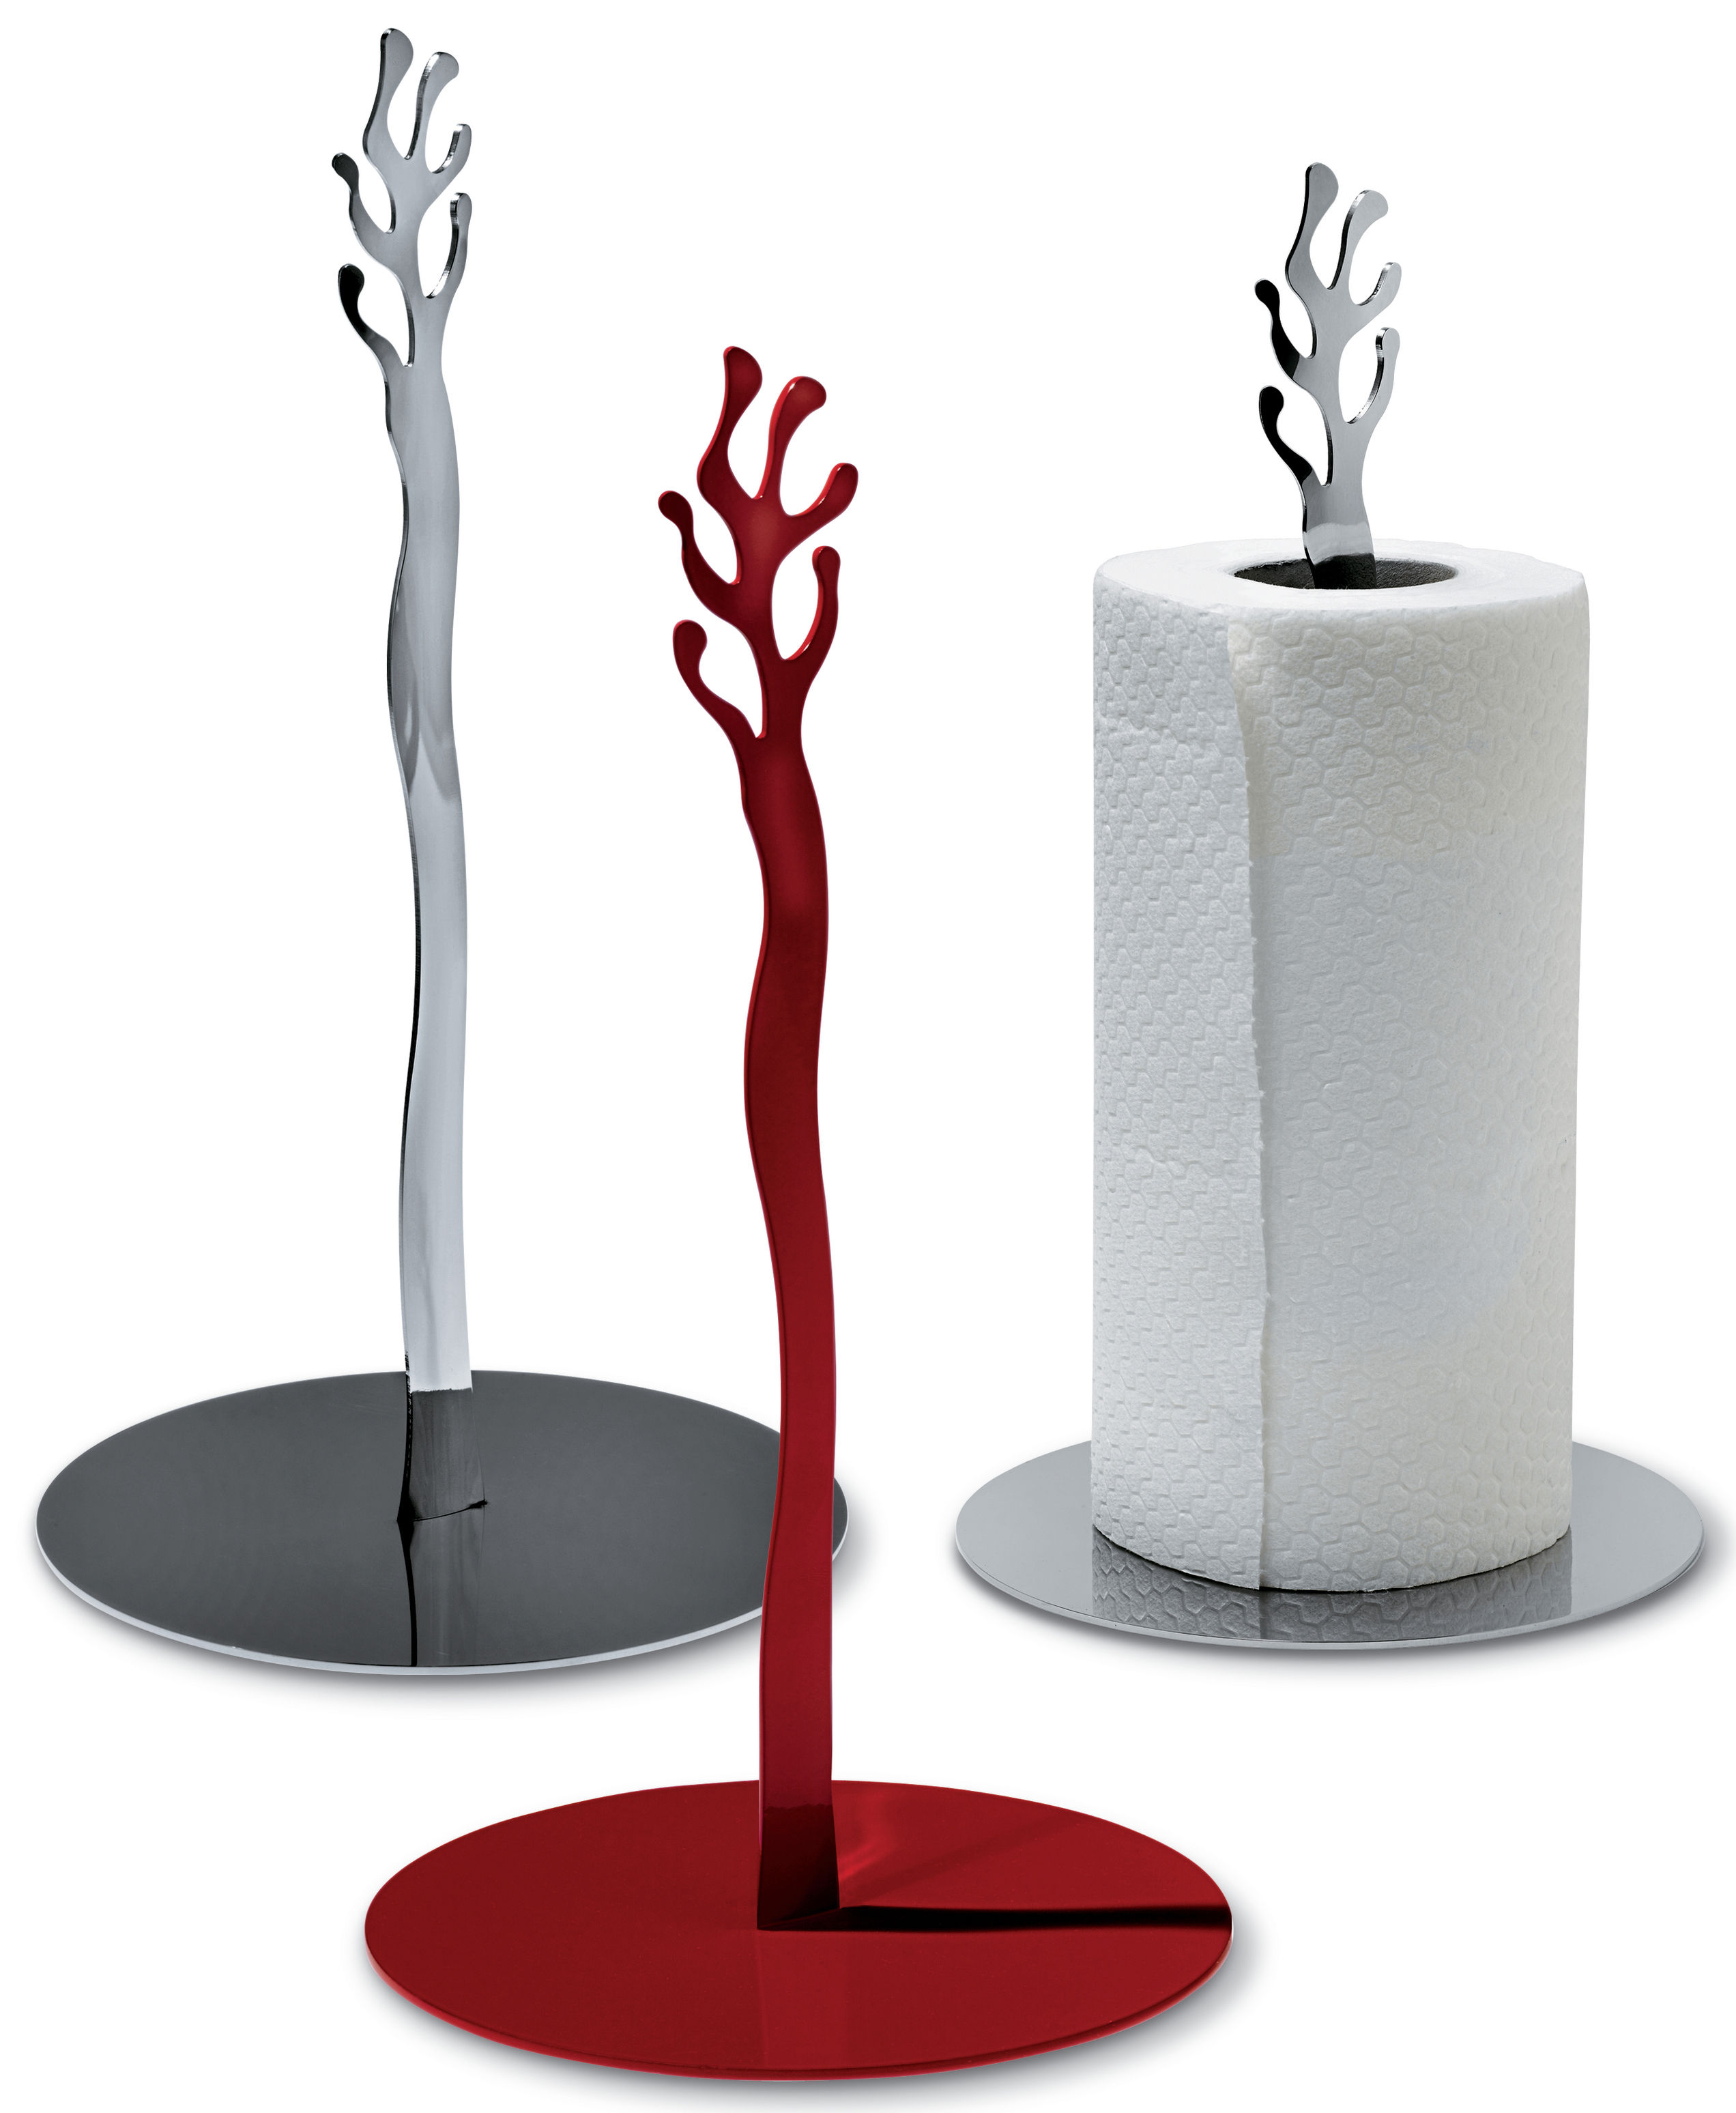 porte sopalin. Black Bedroom Furniture Sets. Home Design Ideas